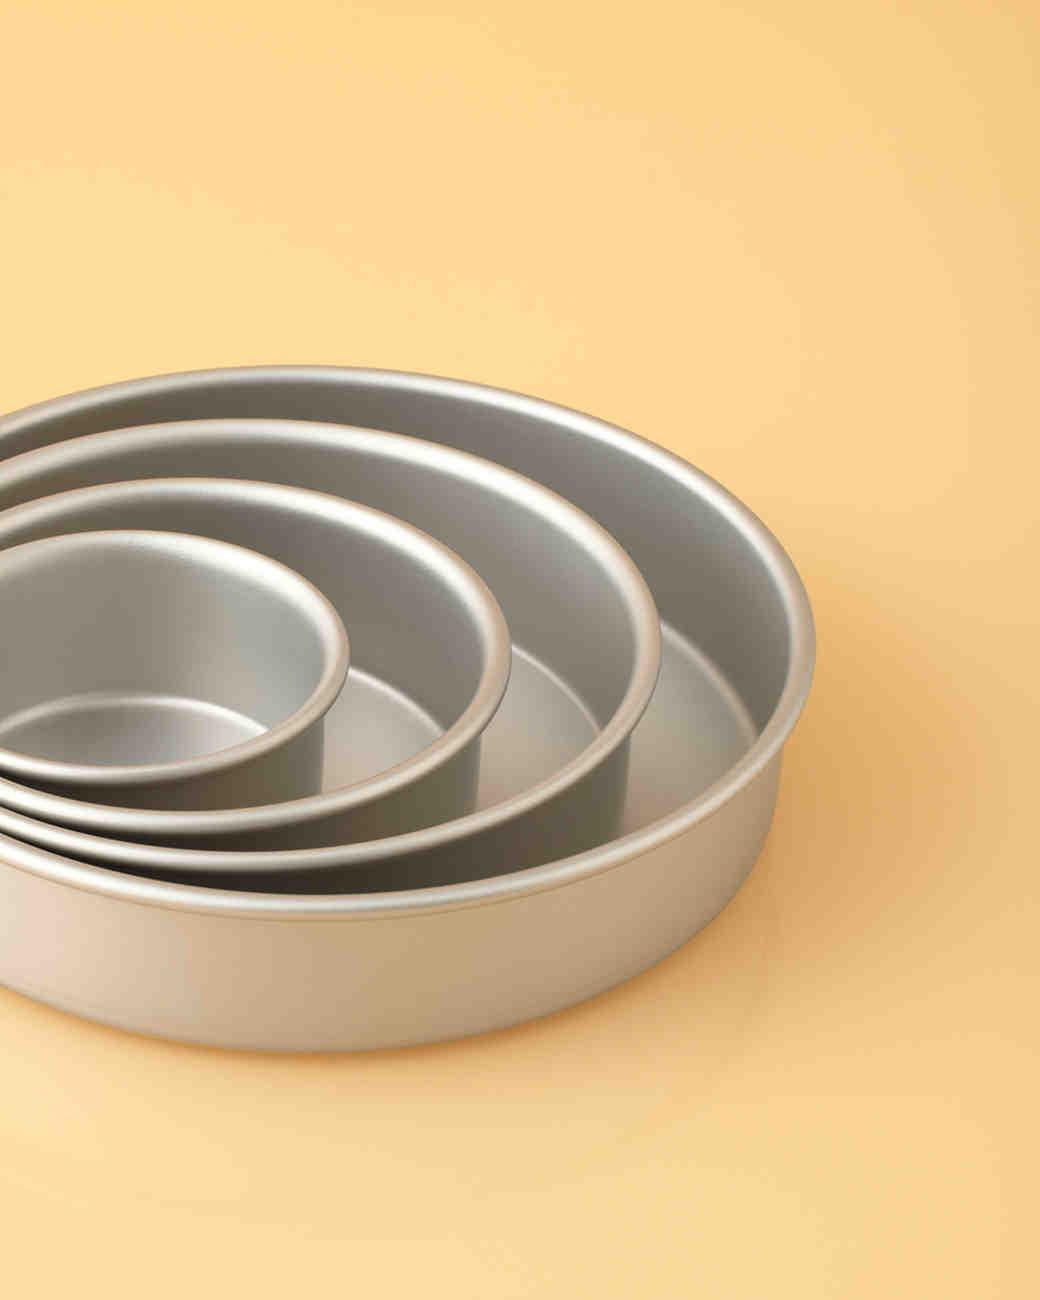 cake-pans-mwd108267.jpg